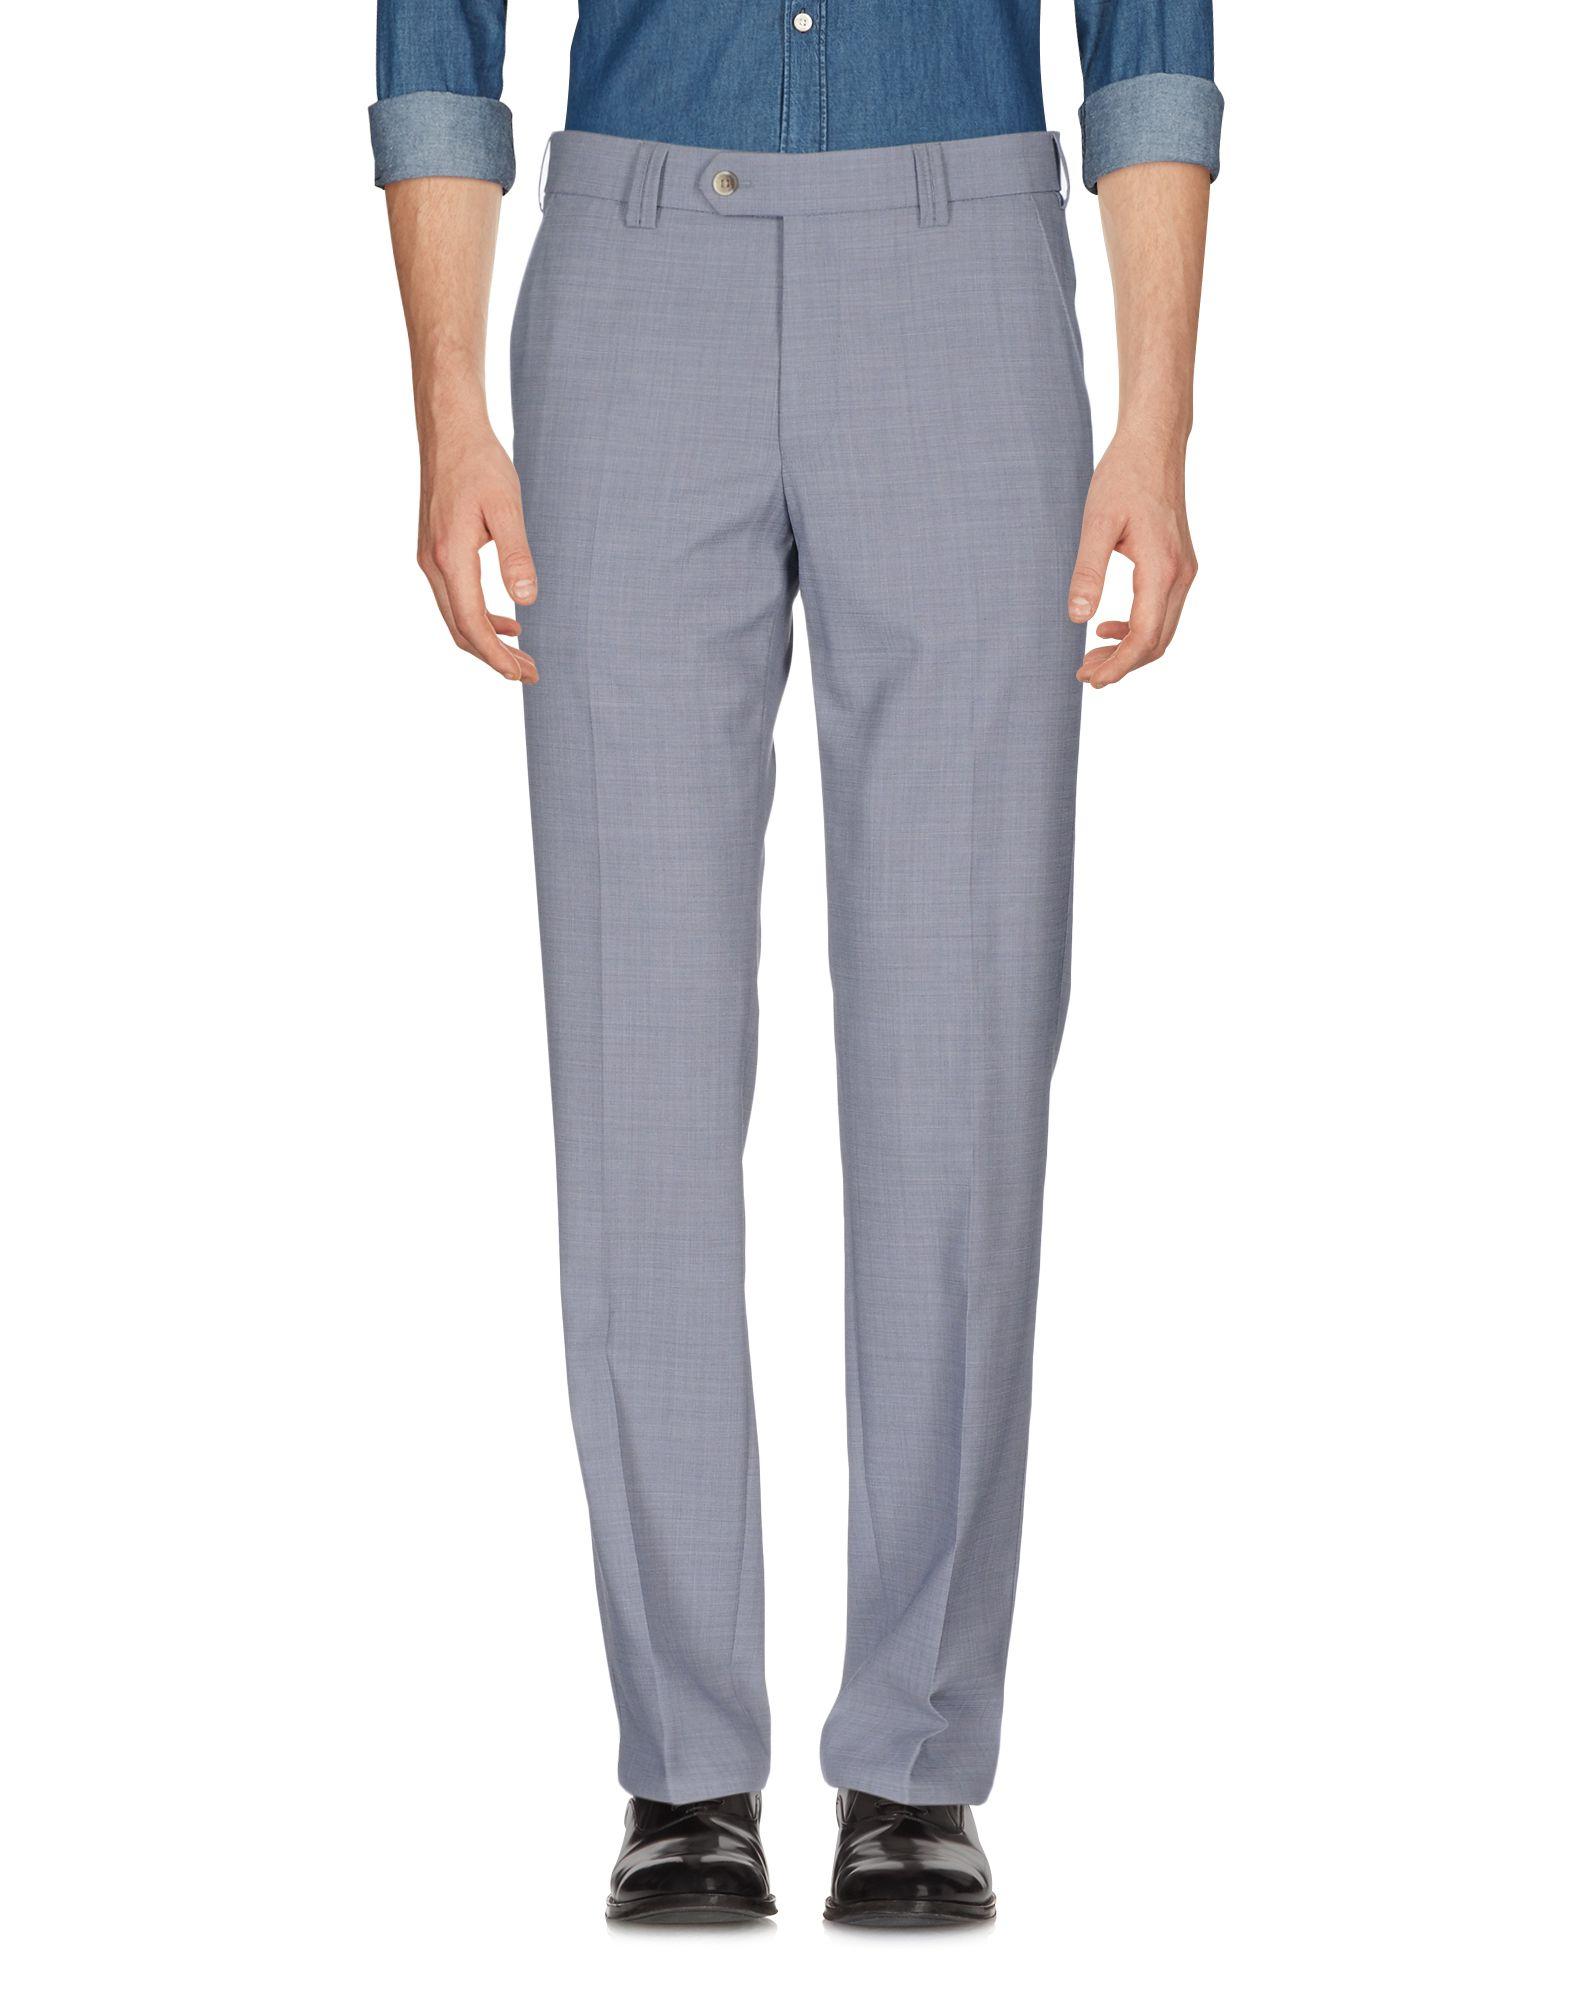 Pantalone Meyer Donna - Acquista online su